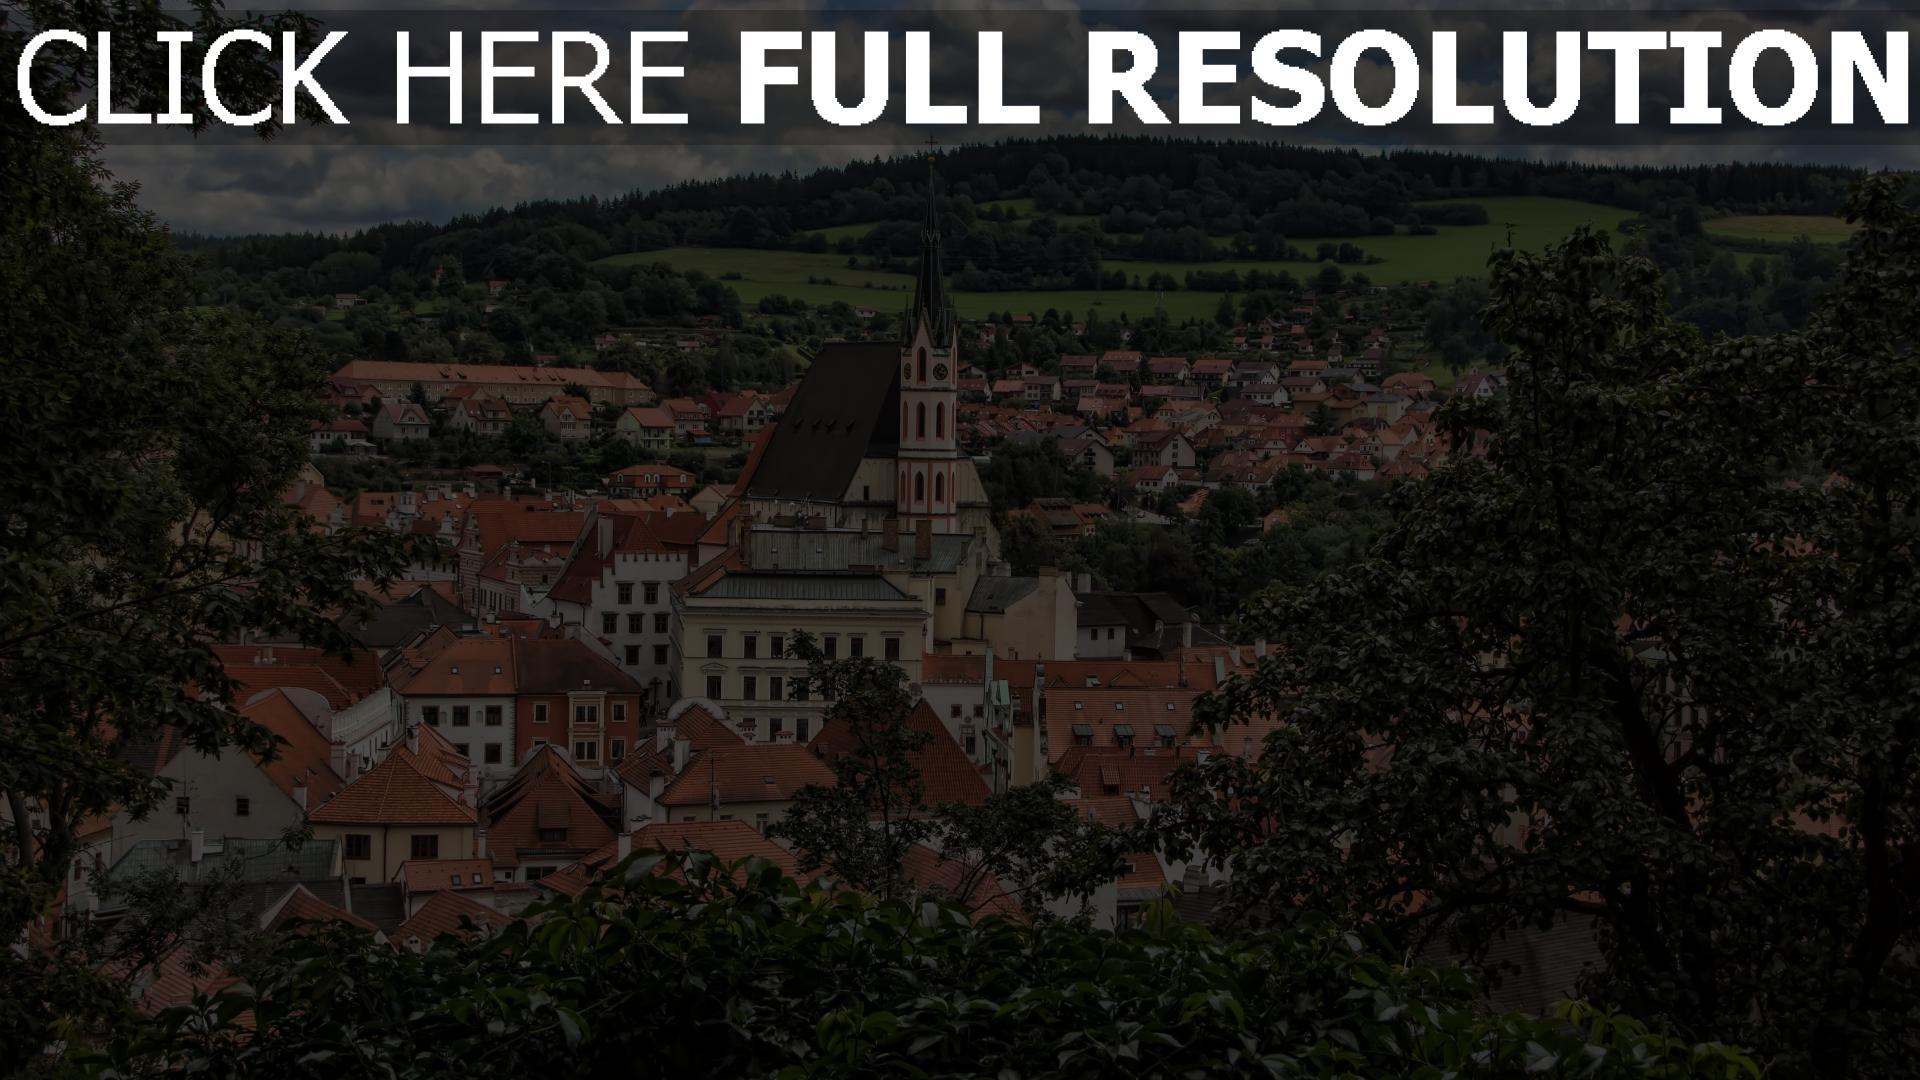 hd hintergrundbilder architektur bäume gebäude tschechische republik 1920x1080